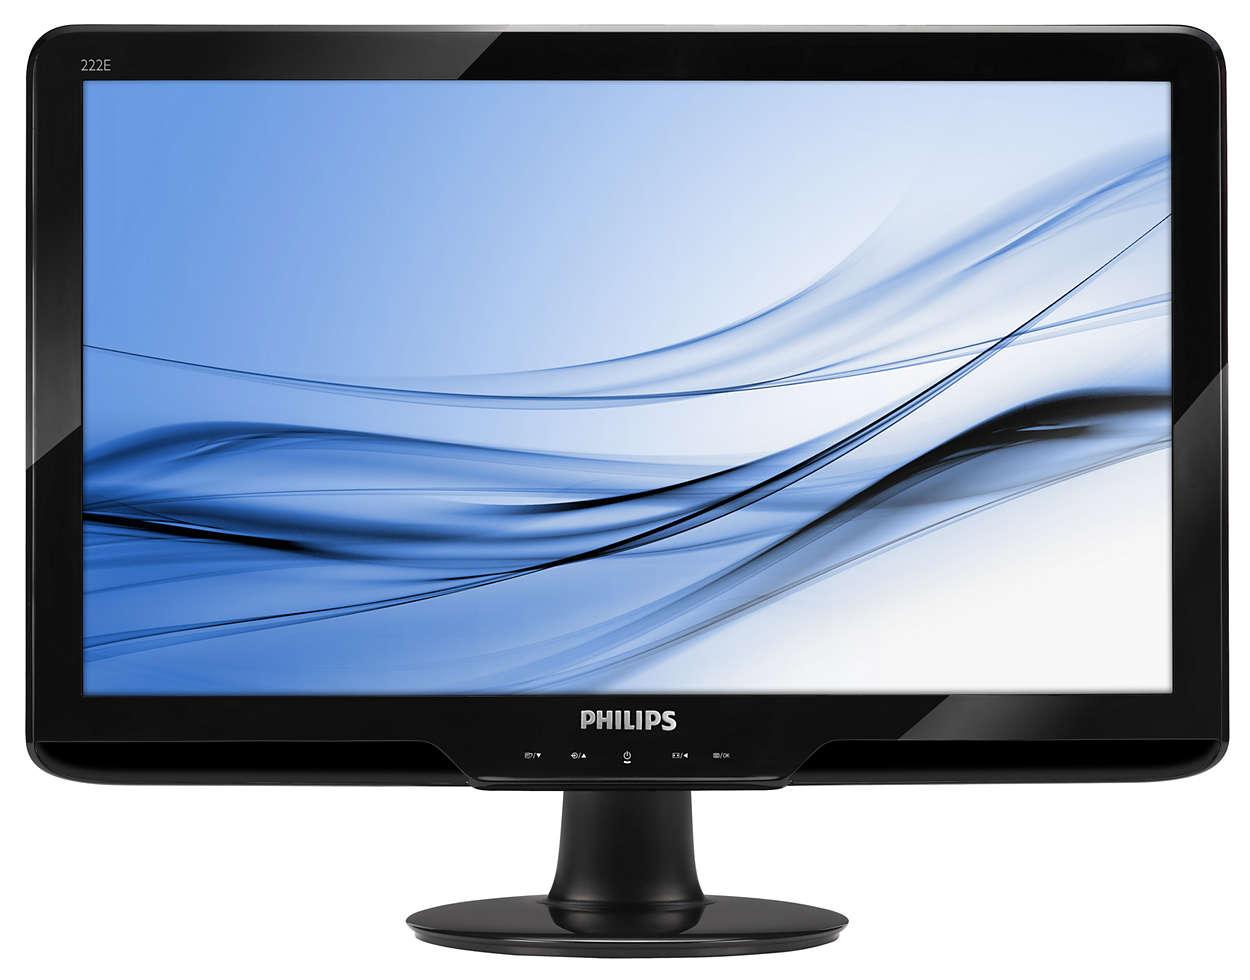 จอ Full HD สวยหรูคุ้มค่าสมราคา